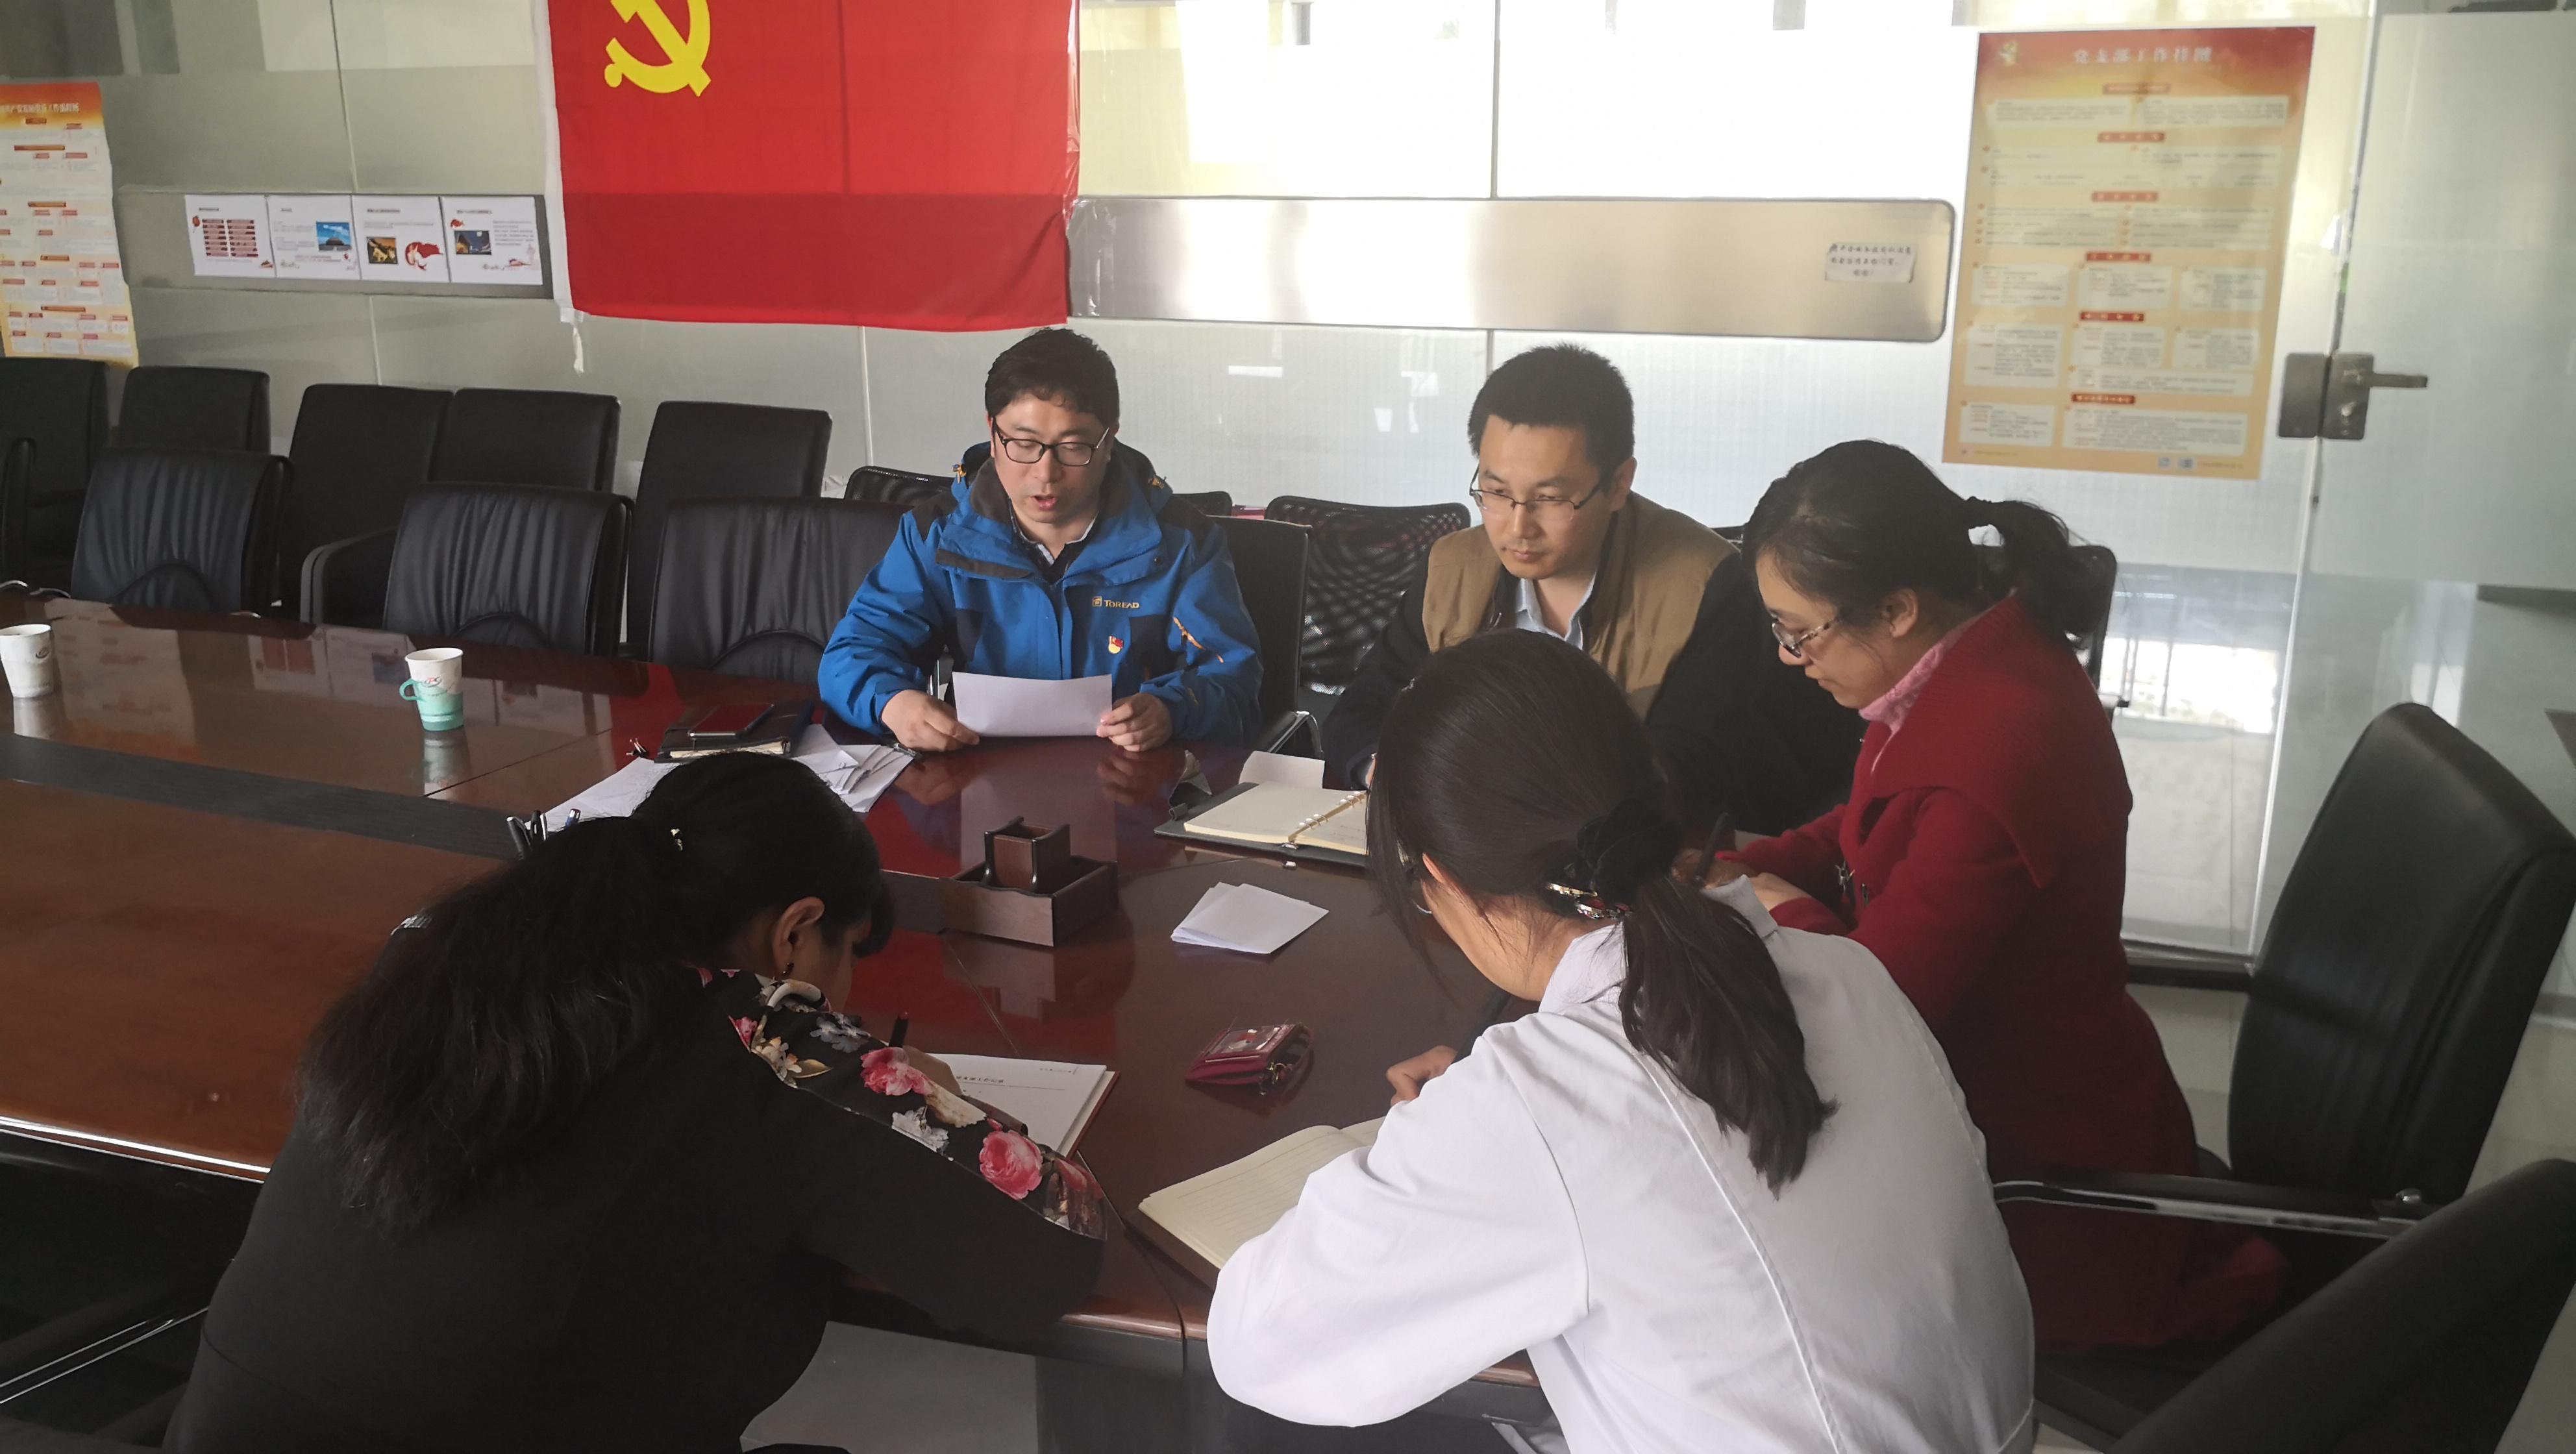 北京市疾控中心传地所党支部召开新一届支部委员会全体会议 中国科学网www.wz-fdi.com